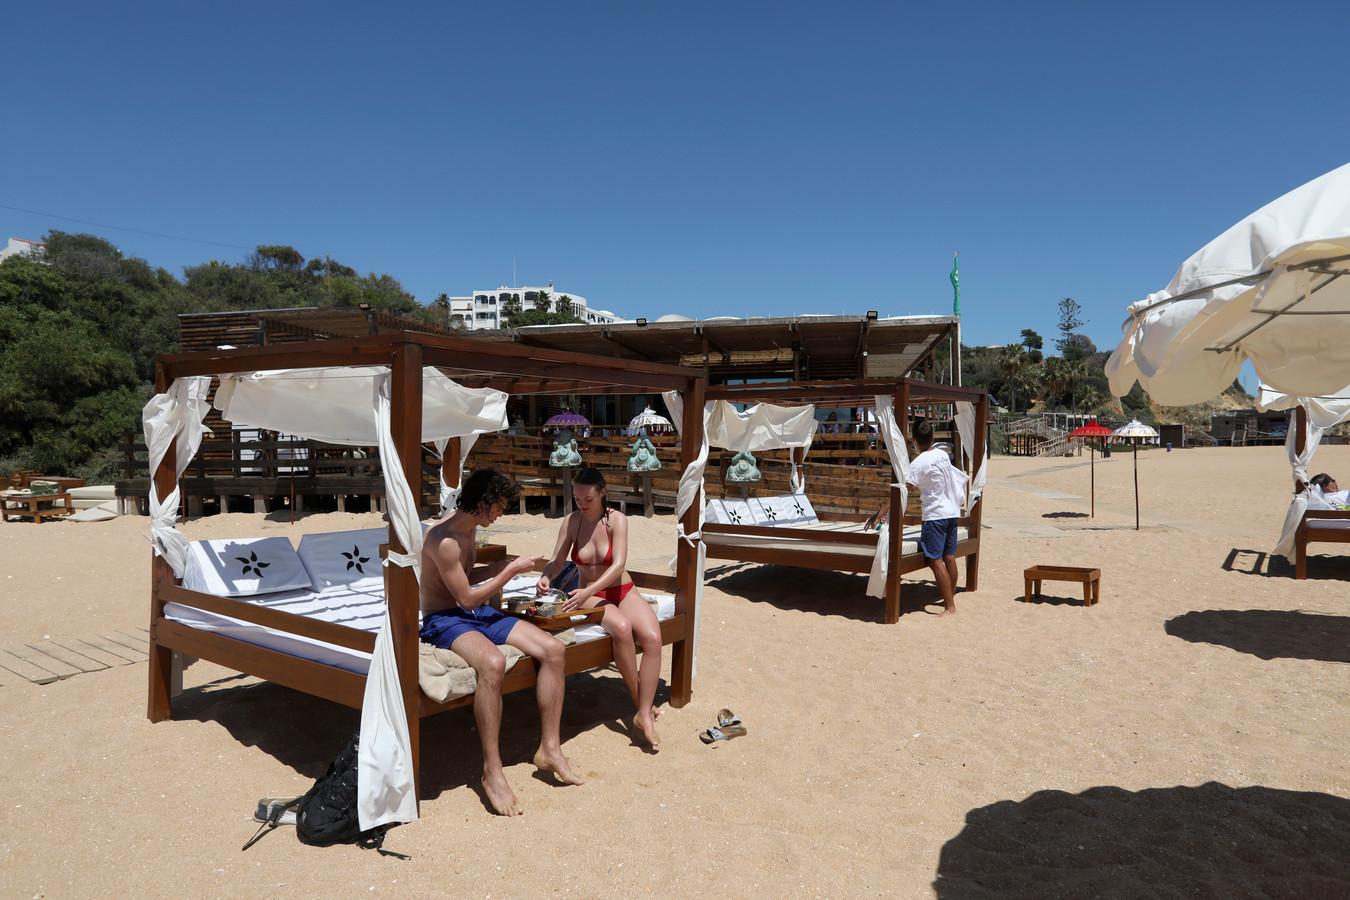 Toeristen op het strand van Albufeira aan de Algarve.